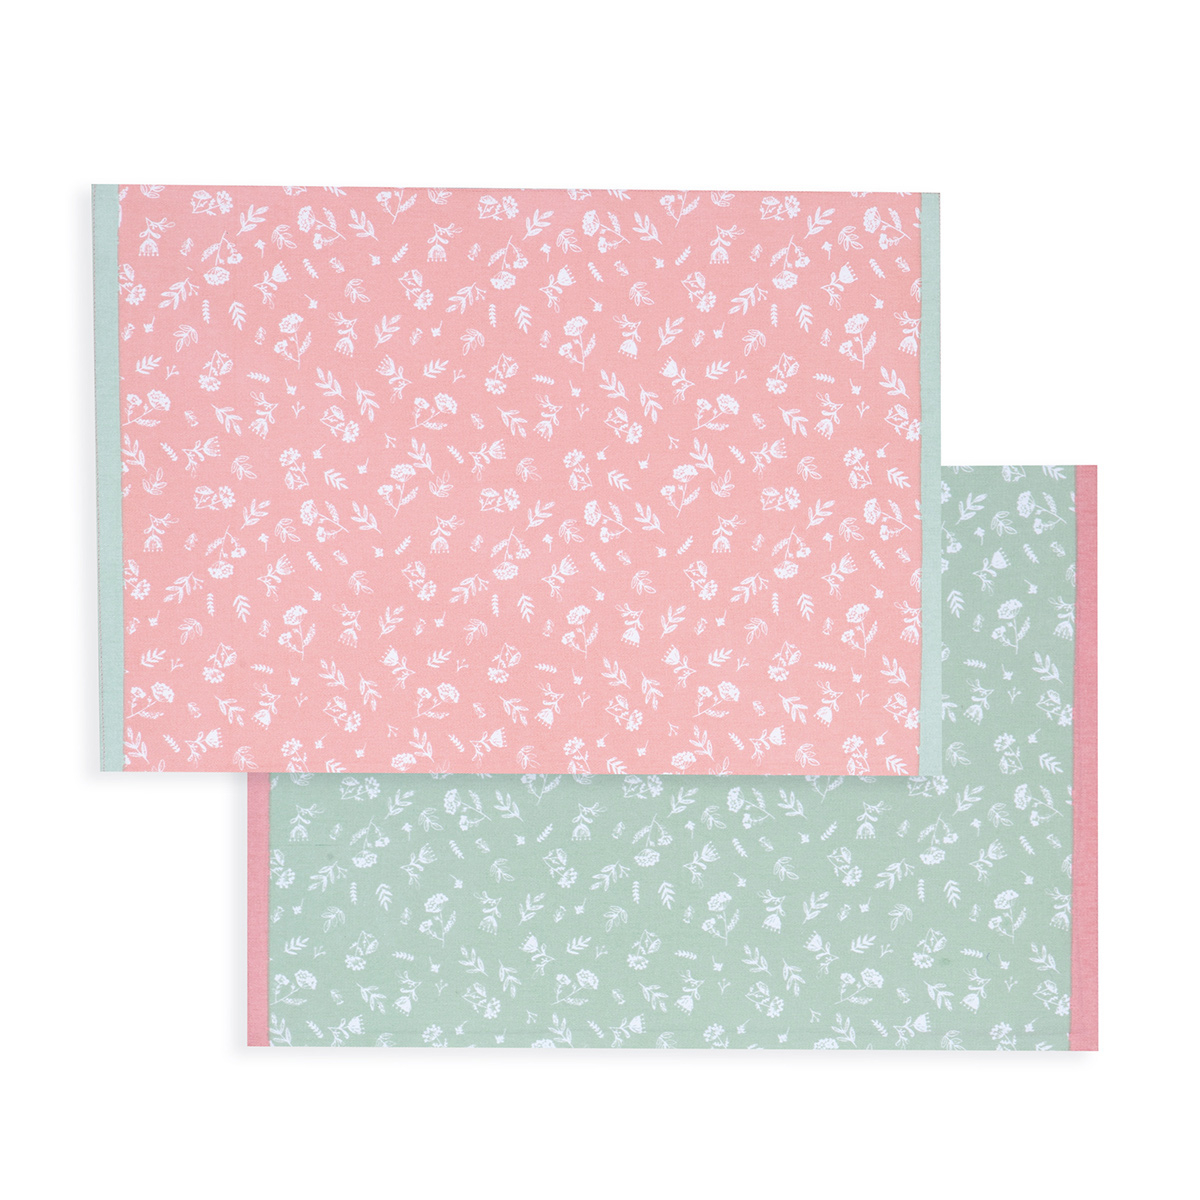 Σουπλά 2 Όψεων Nef-Nef Inspire Pink/Green